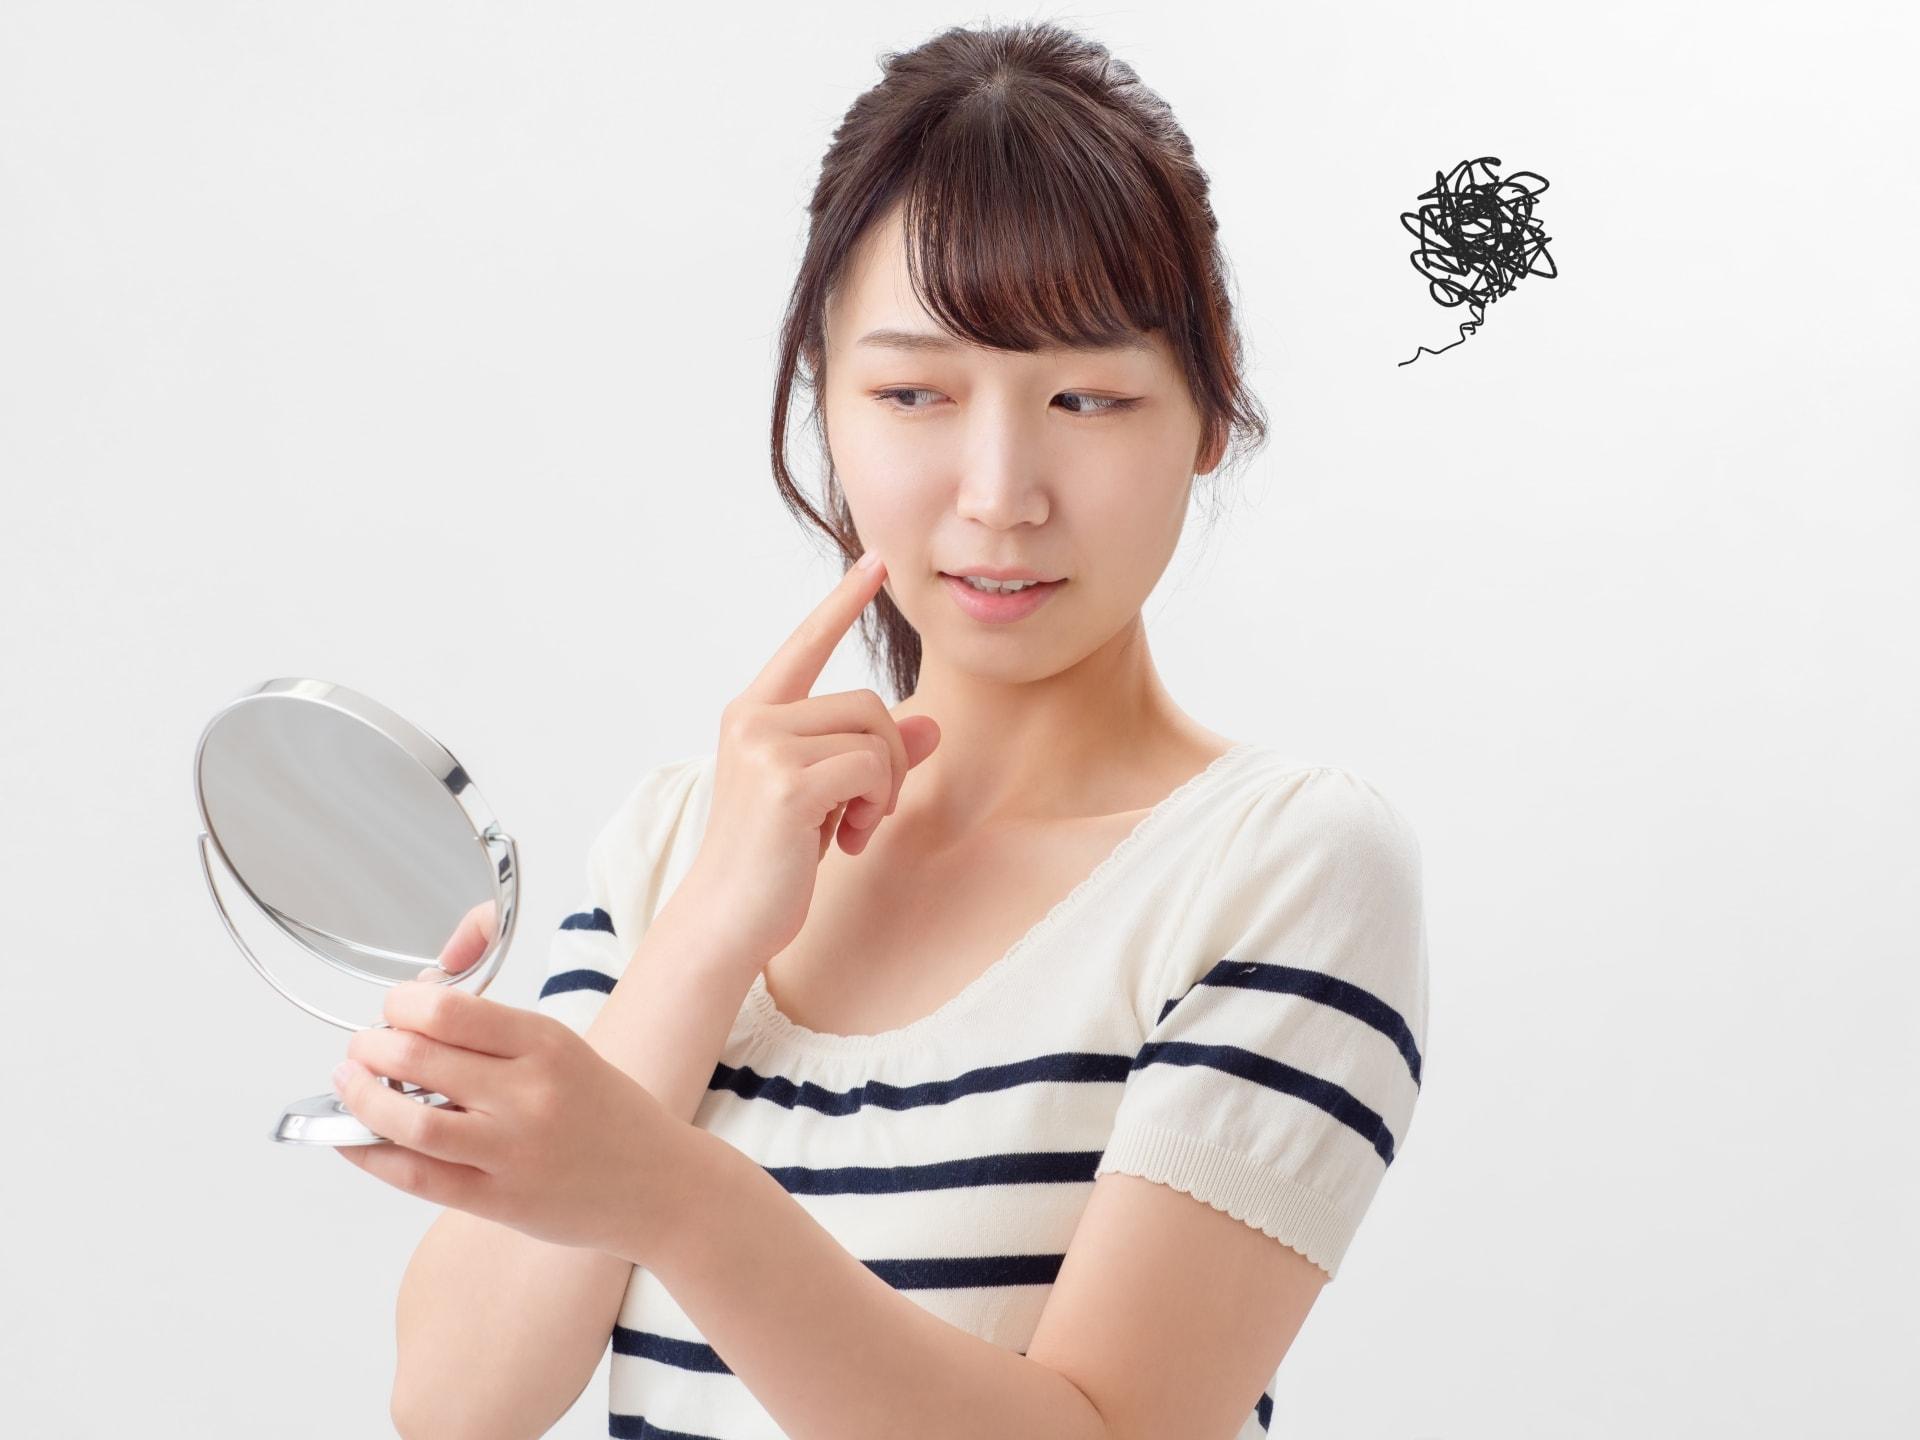 顔のシミはなぜできる?考えられる原因やメカニズムを解説